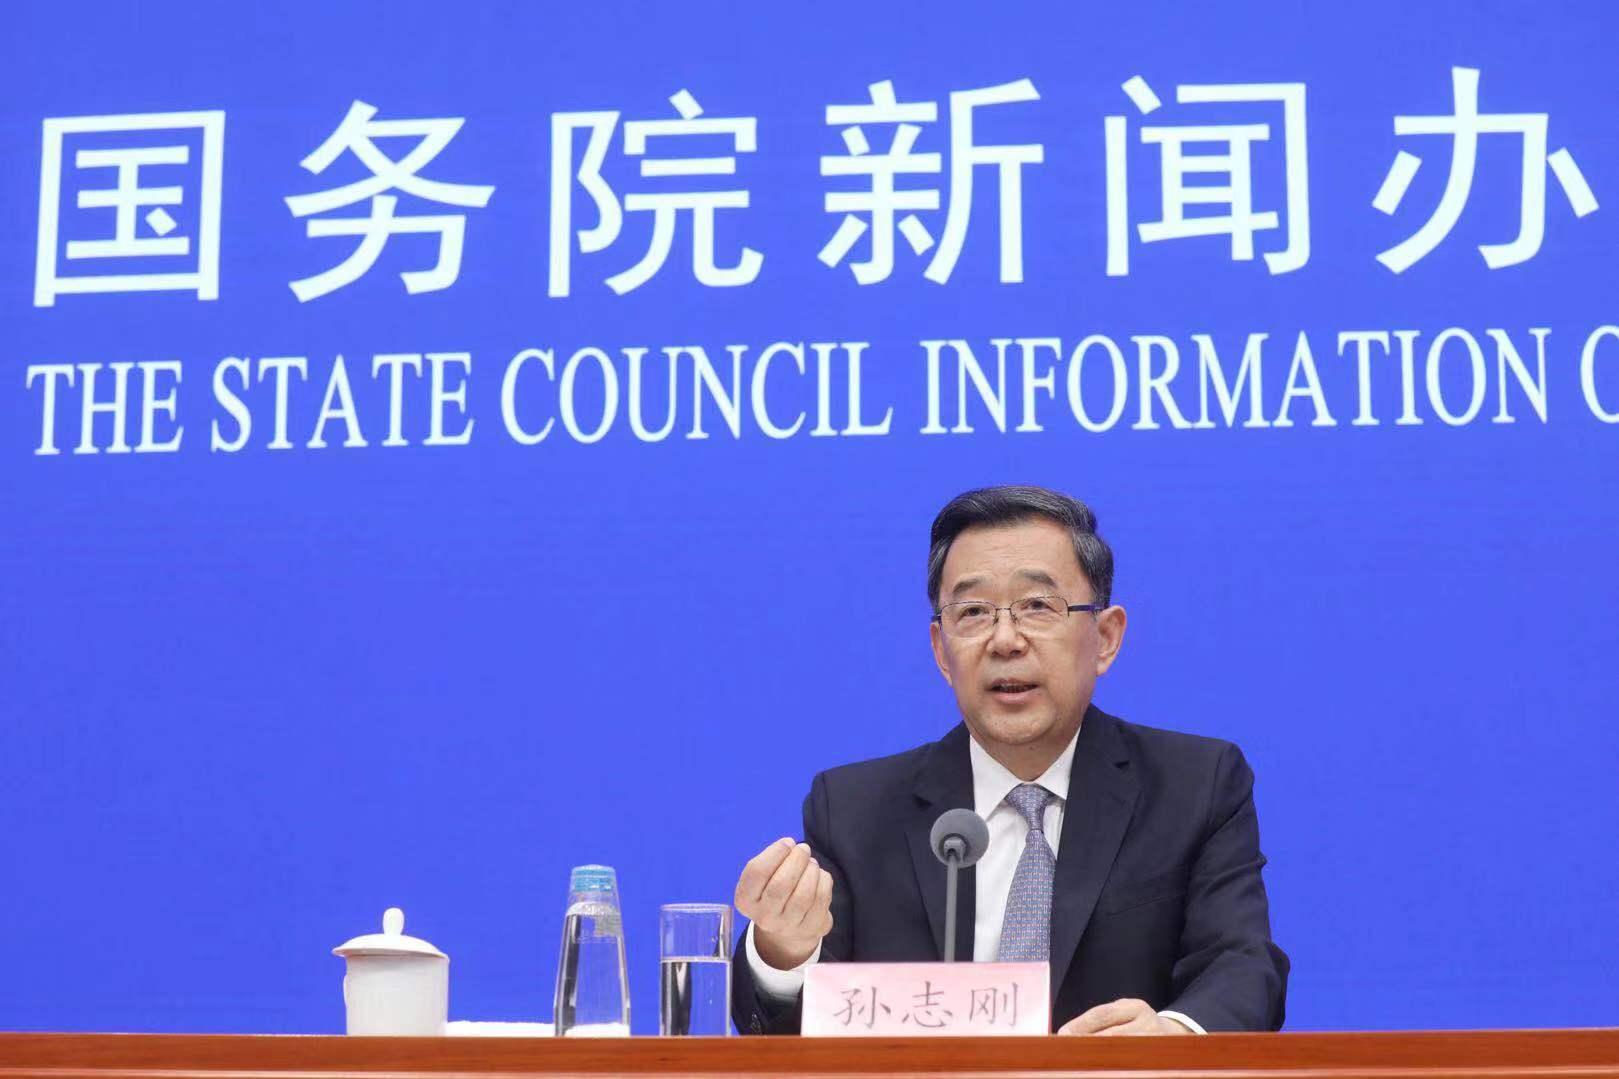 贵州省委书记:贵州数字经济增速连续四年全国居首|贵州|数字经济